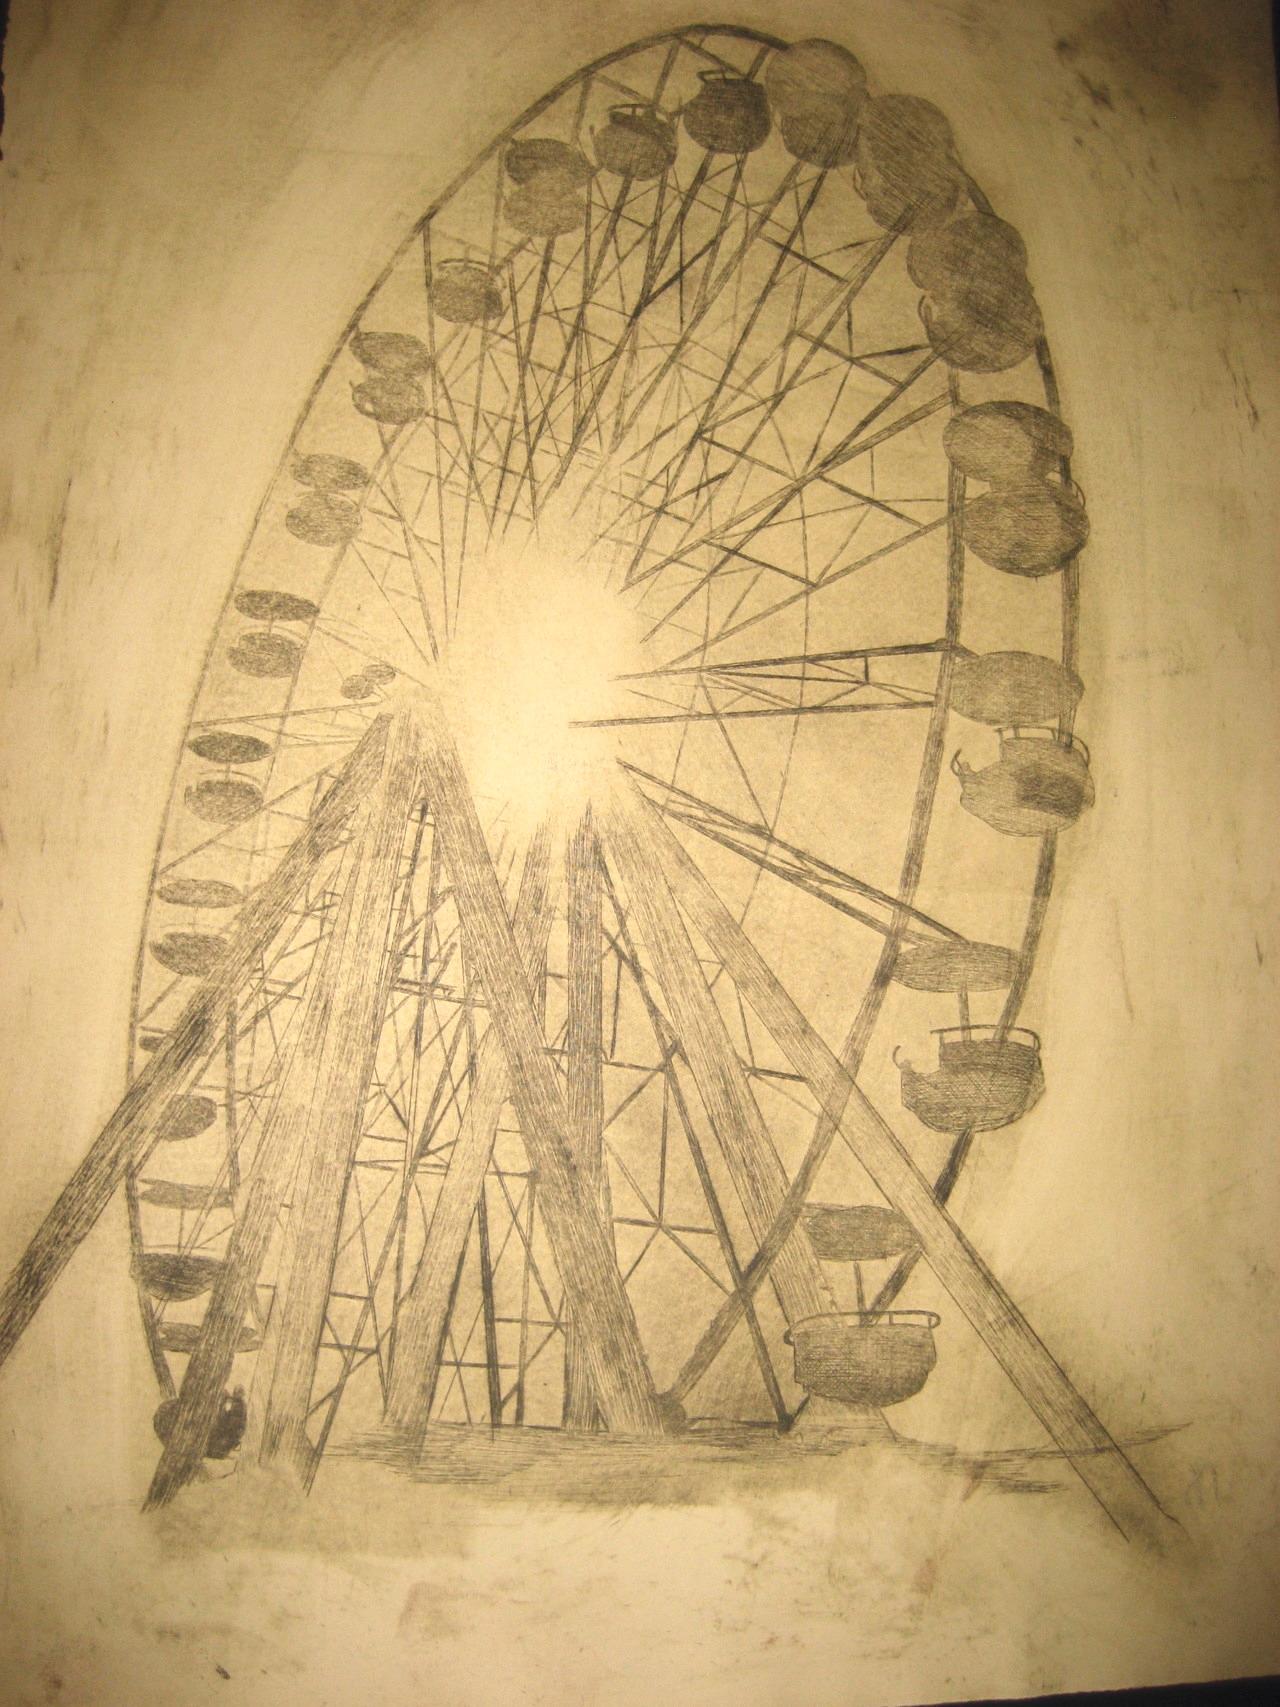 Ferris Wheel, Intaglio